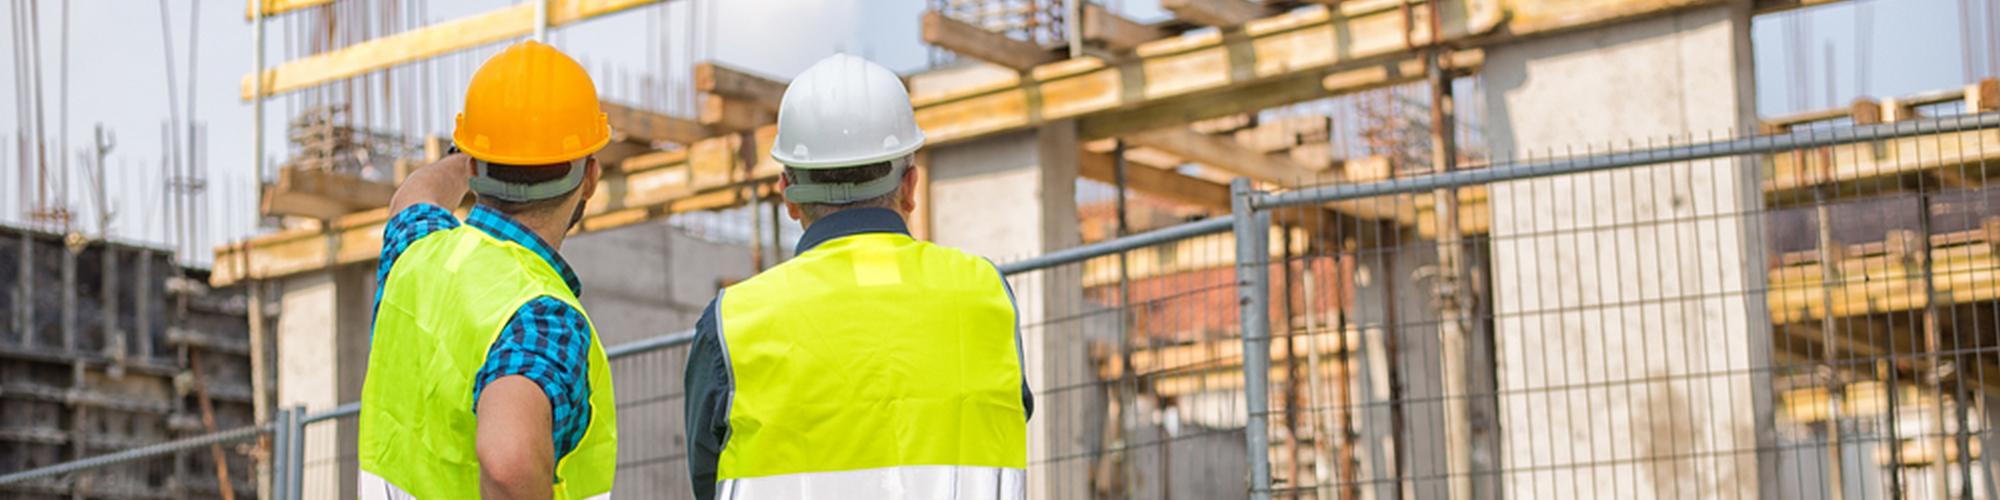 Prosjektleder bør begynne tidlig å vurdere valg av lås- og adgangssystemer i byggprosjekter.